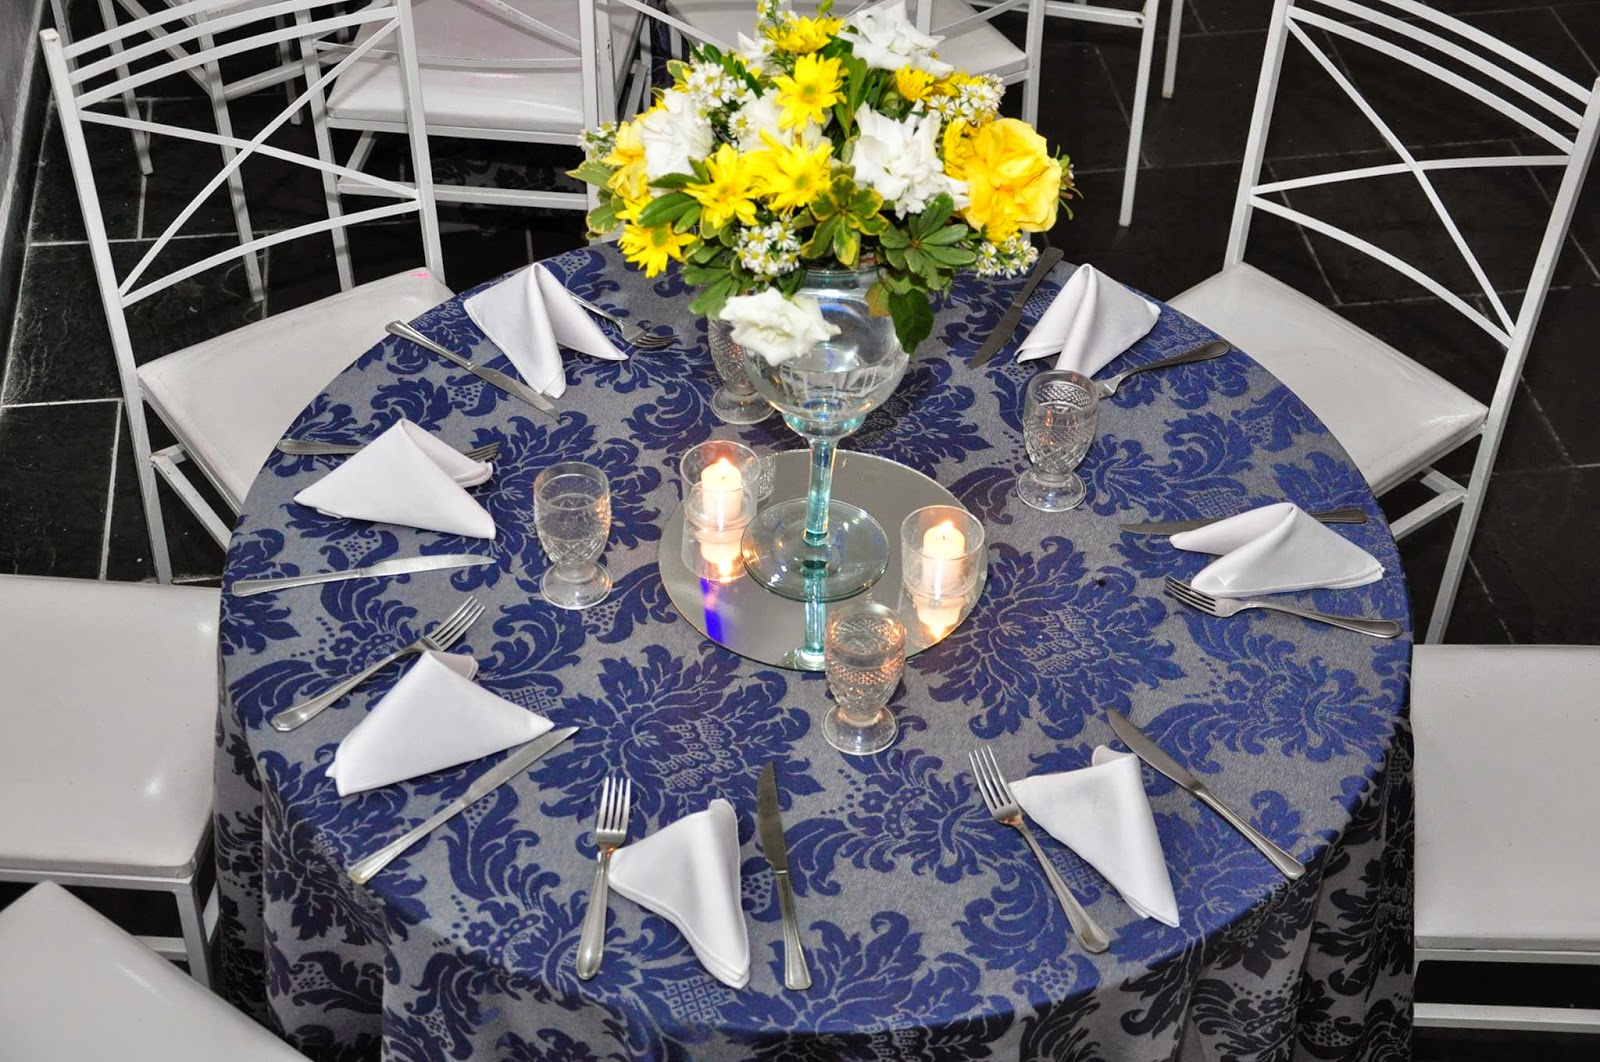 decoracao casamento azul marinho e amarelo:buffet bolando festas: Casamento decoração azul marinho e amarelo 23